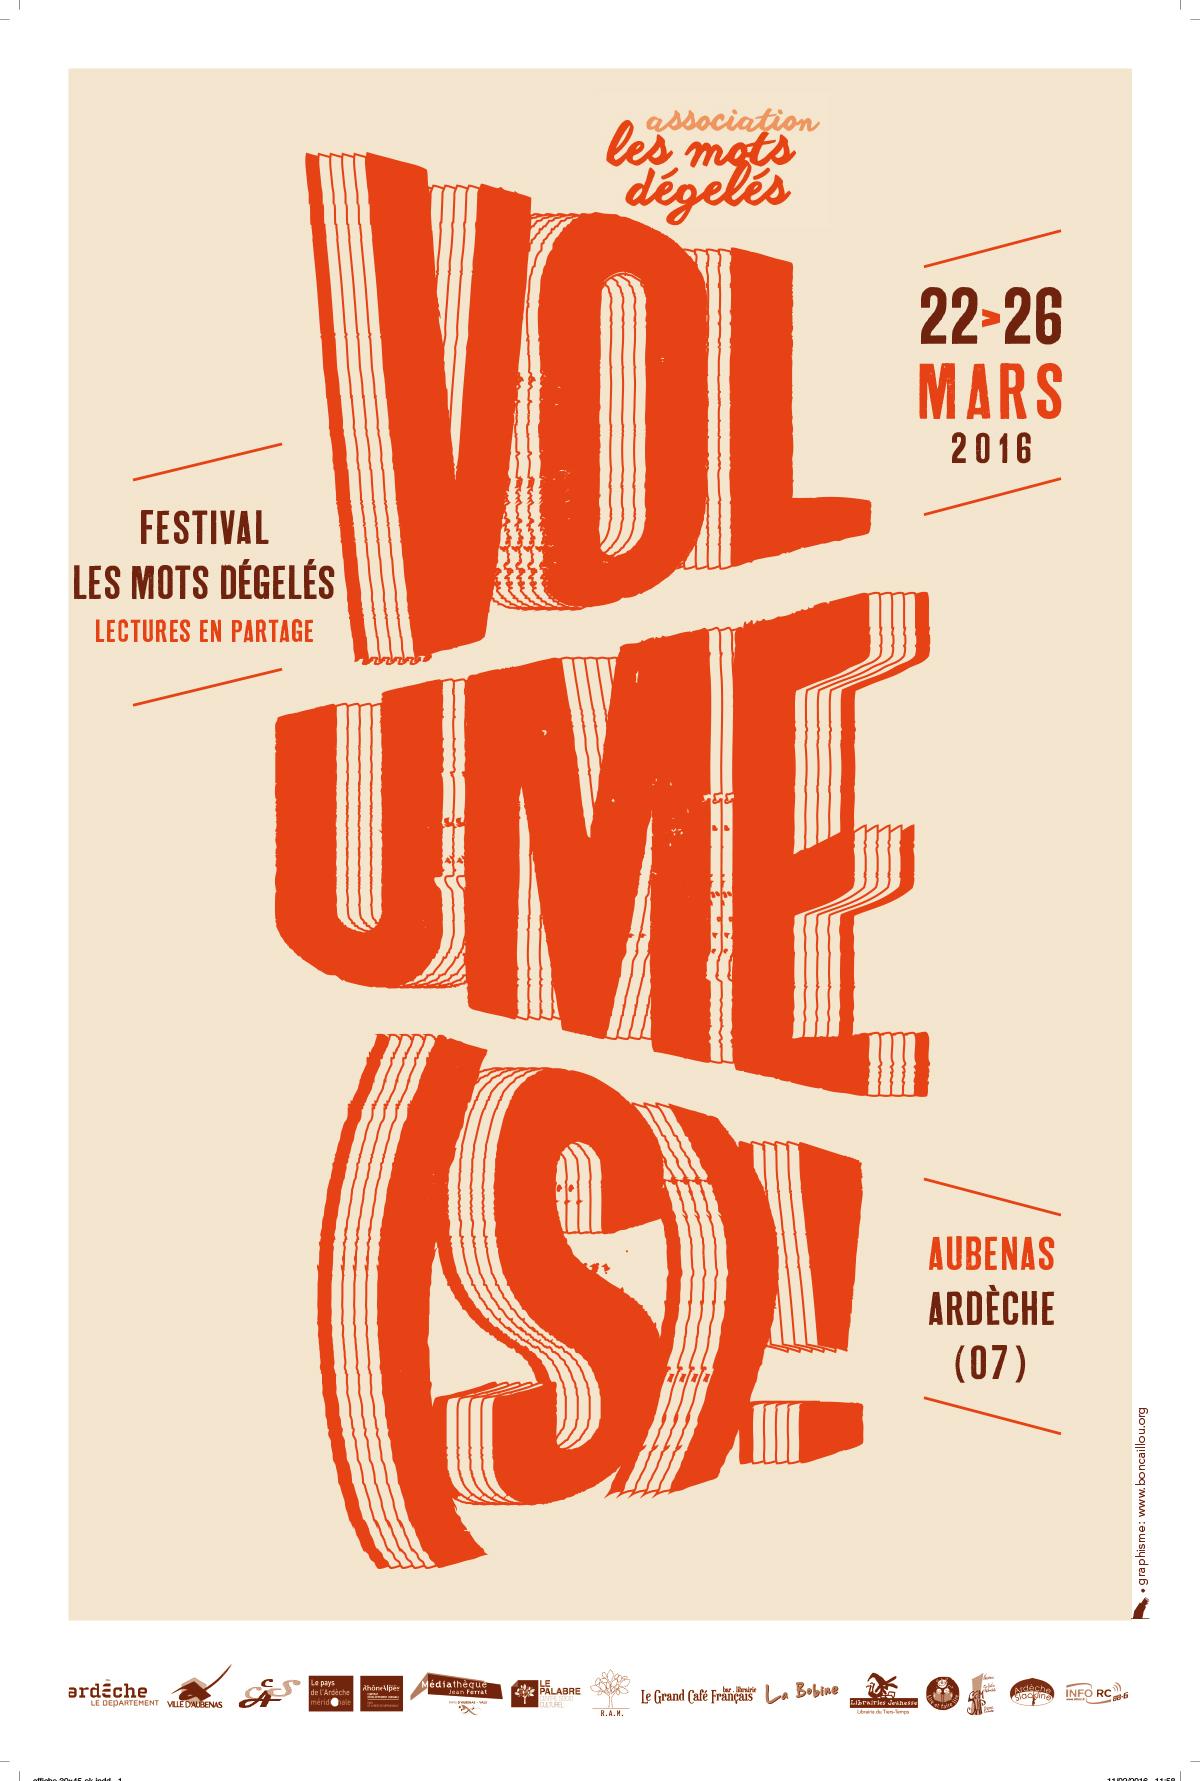 """Affiche festival 2016 """"Les mots dégelés"""""""